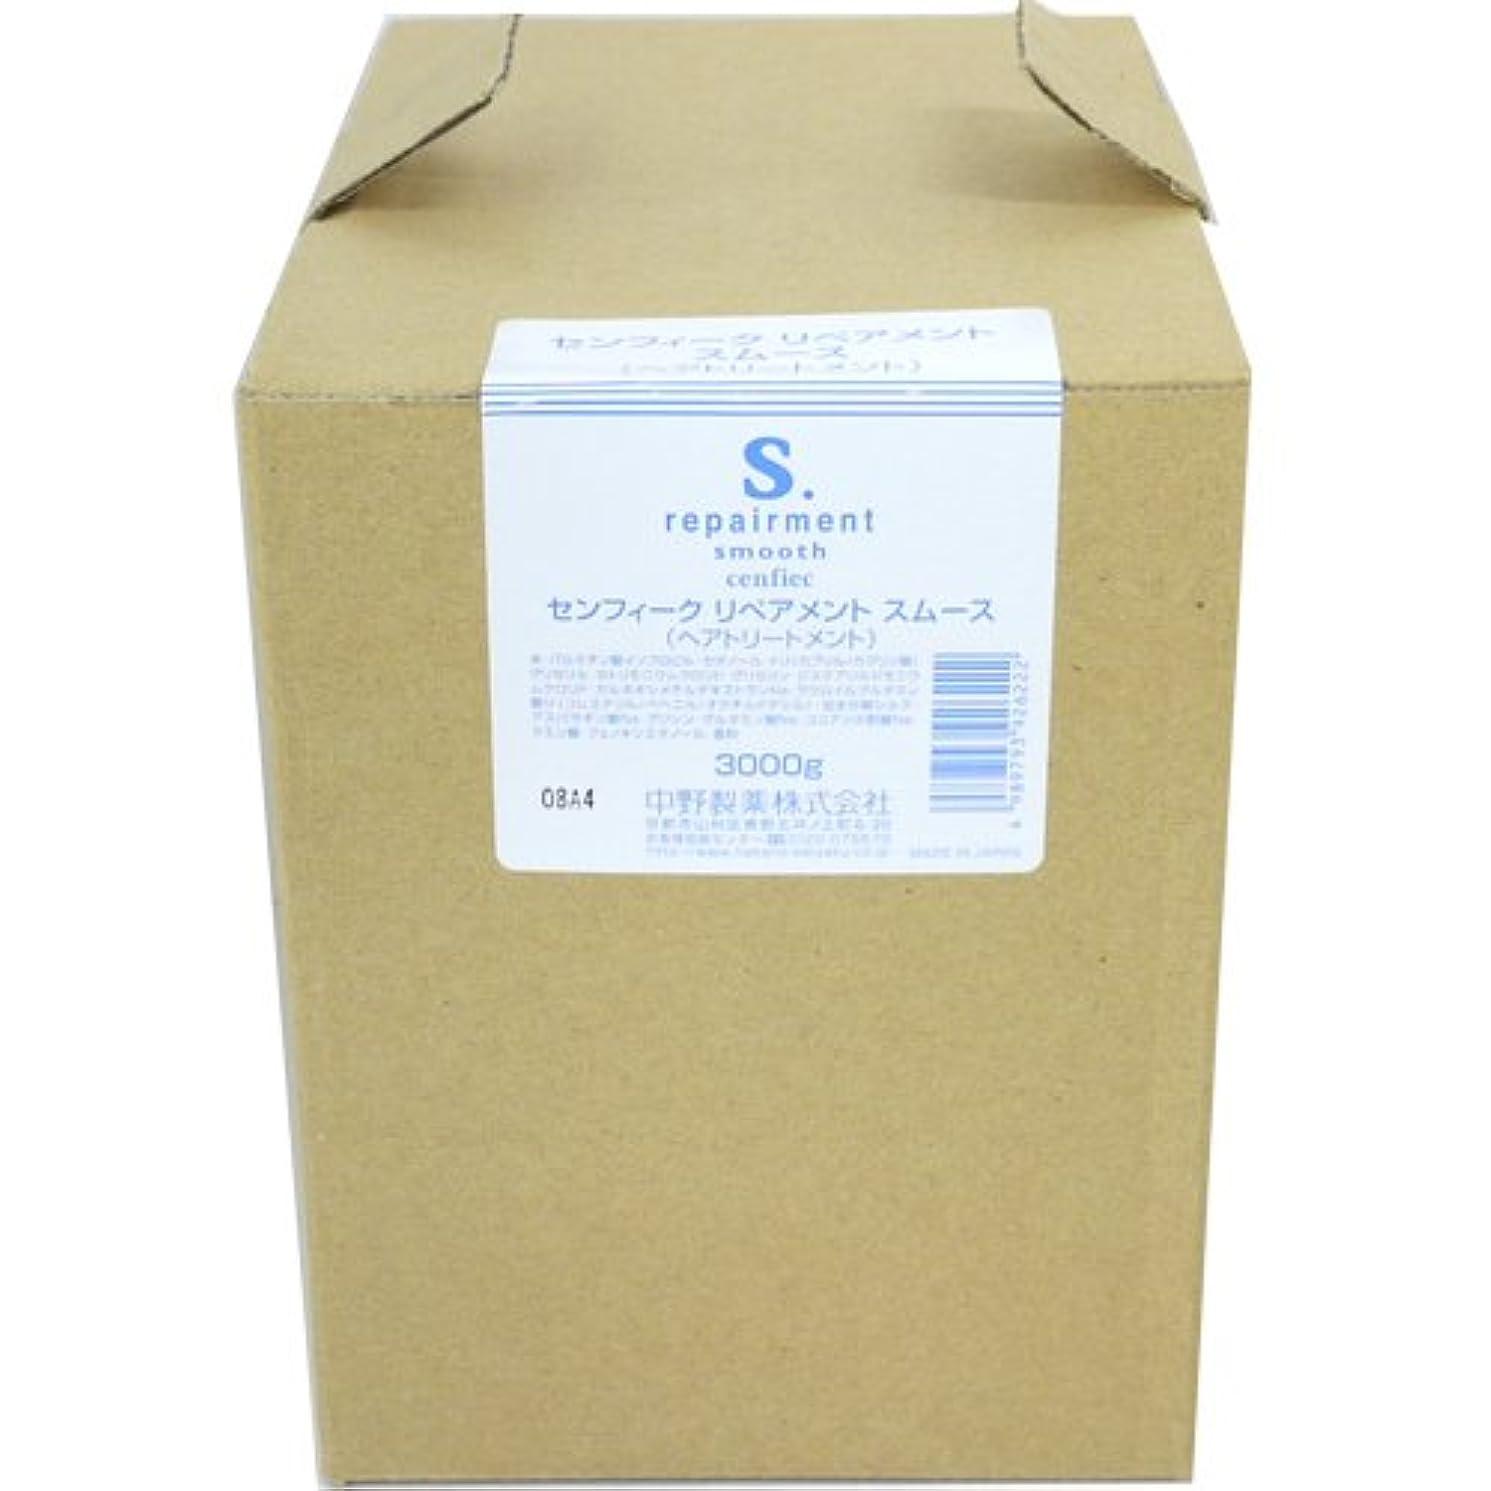 カストディアン正気わがままナカノ センフィーク リペアメント スムース 詰め替え用 3000g(1500g×2)